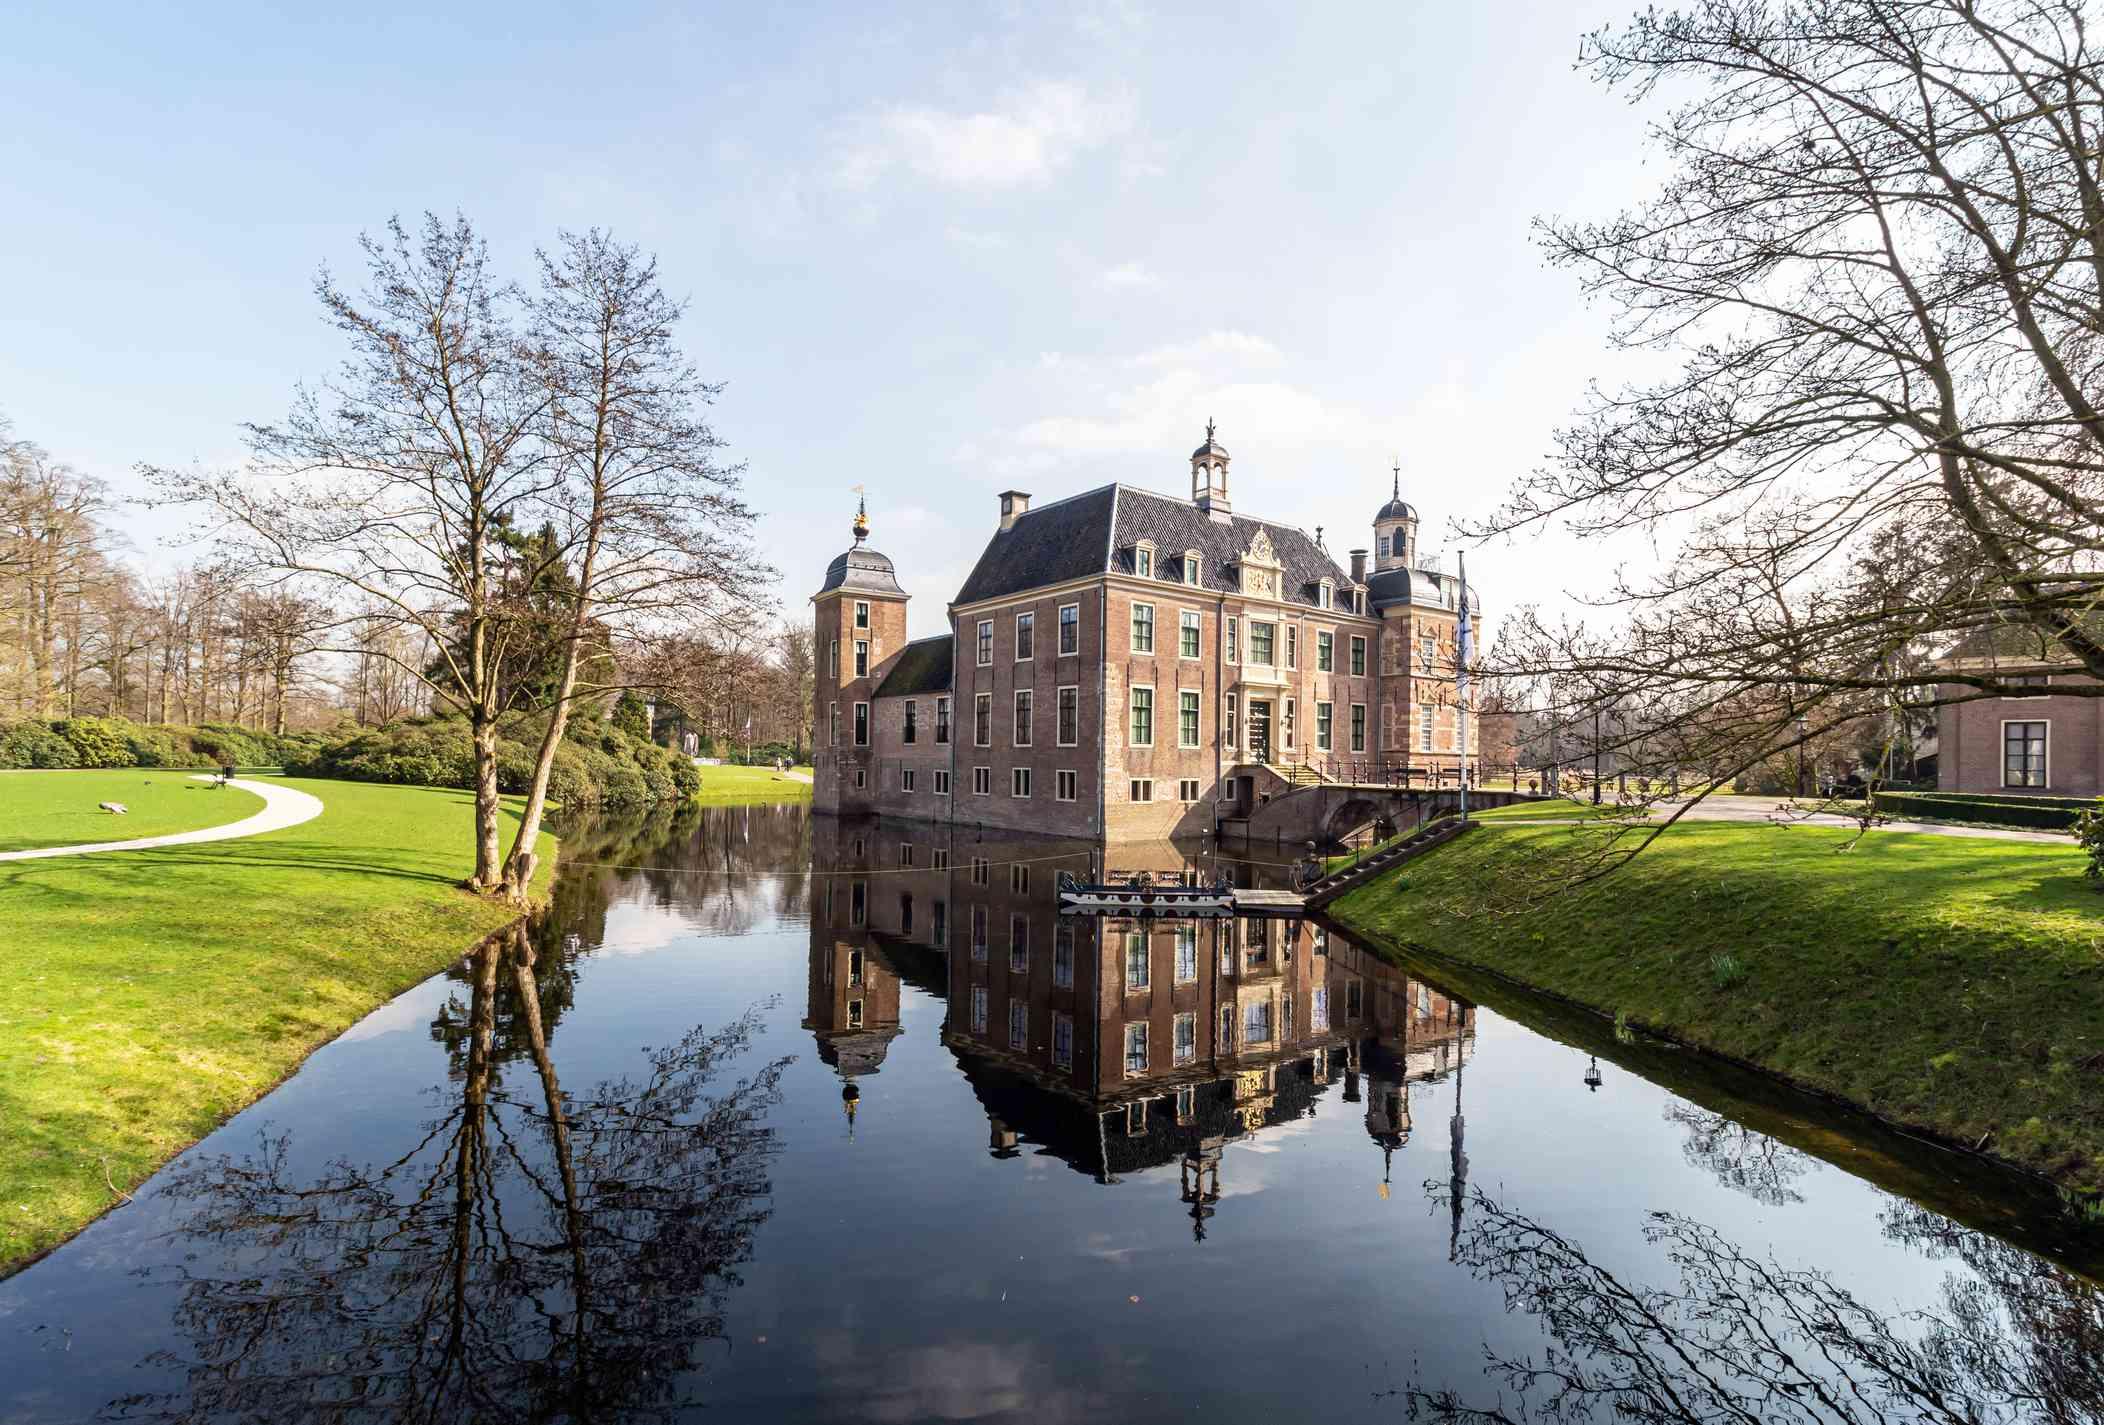 Garden and castle Ruurlo